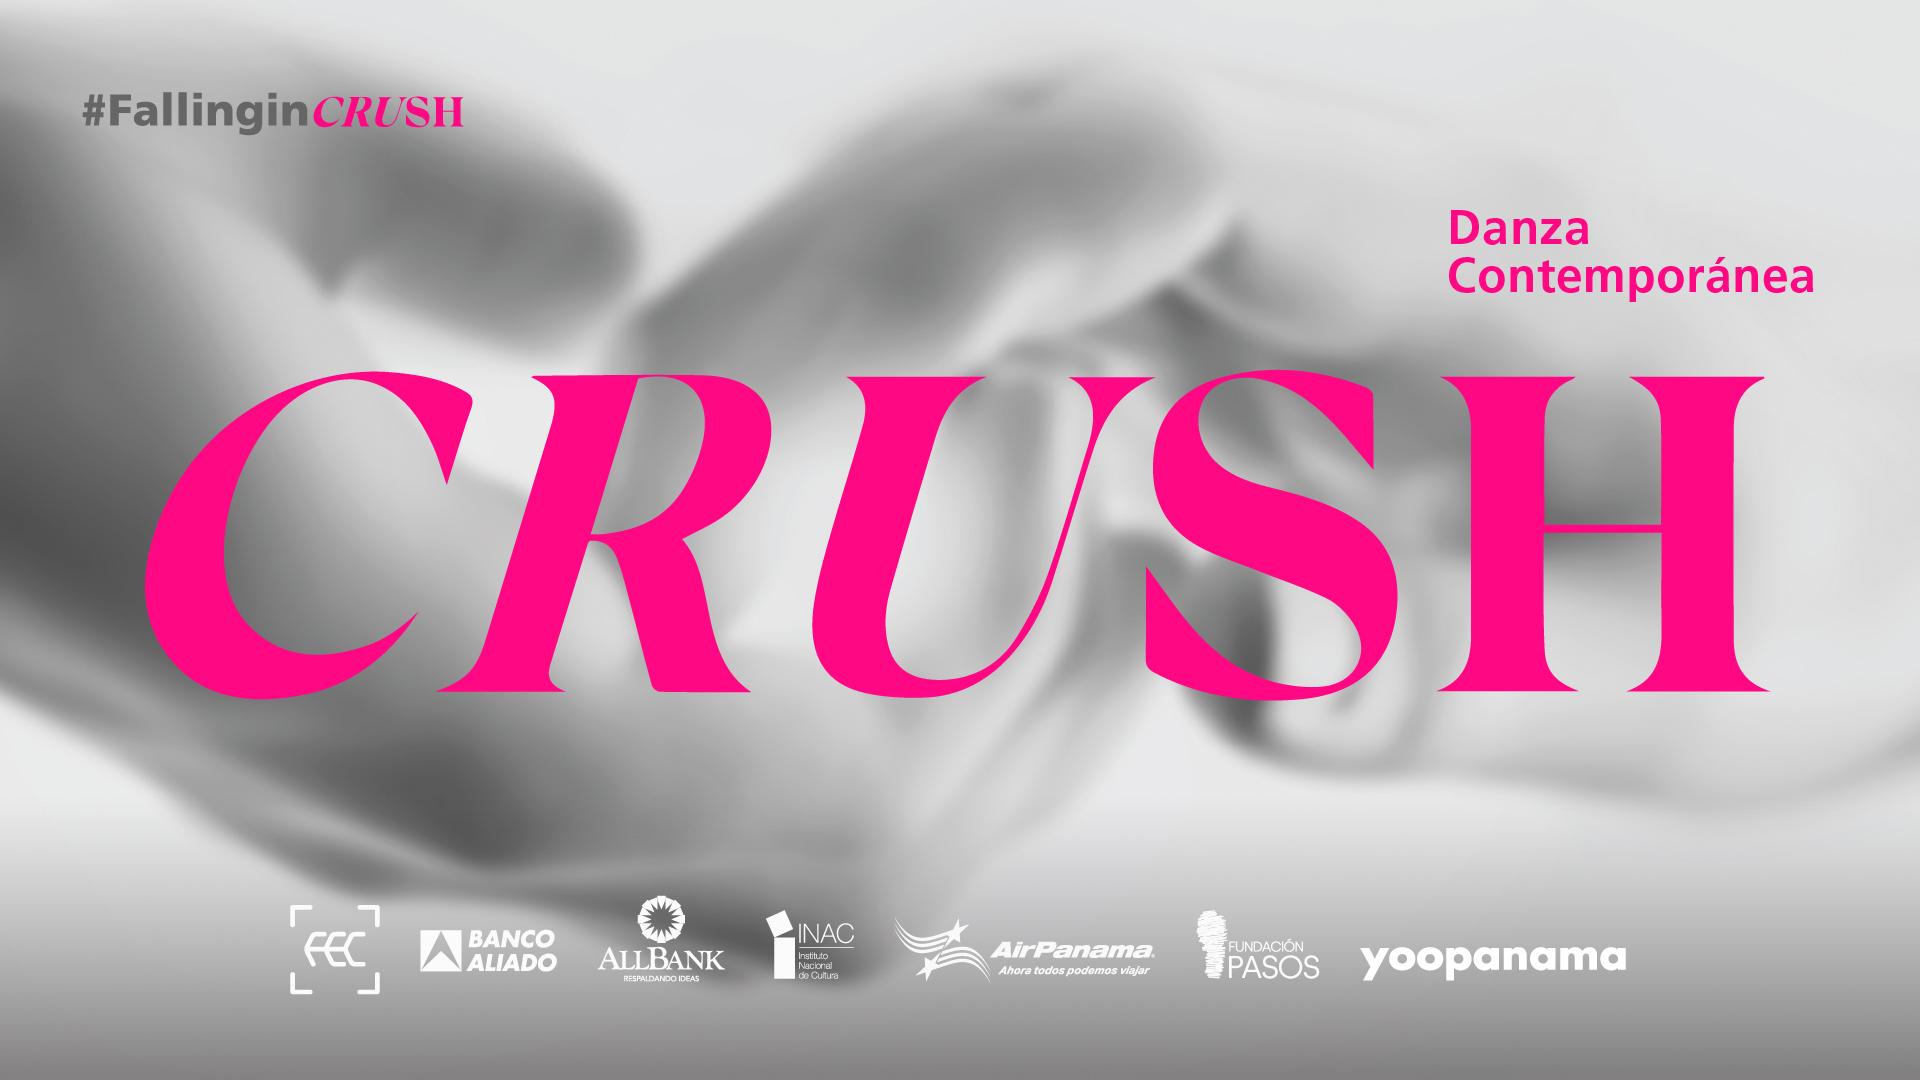 CRUSH_Facebook-events